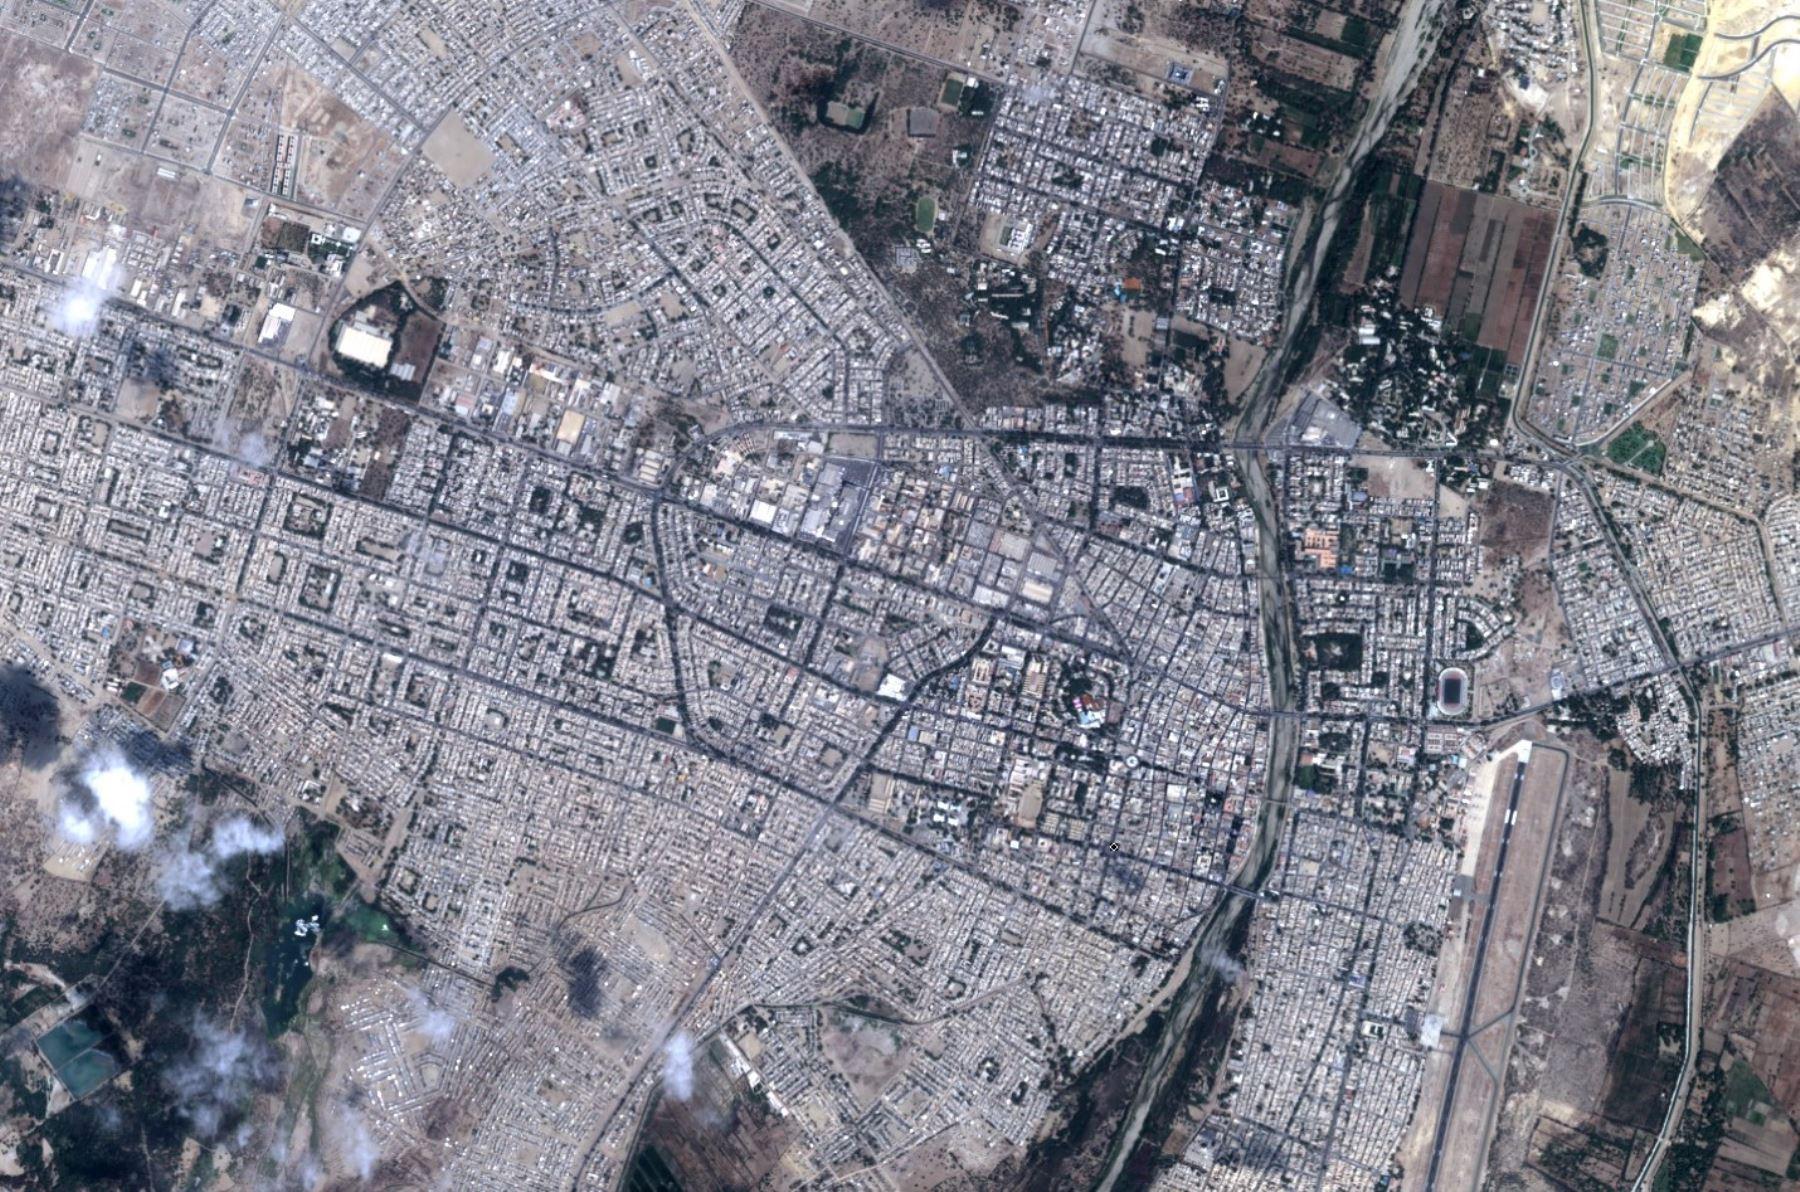 Imagen captada por el satélite PerúSAT de Piura tras las intensas lluvias.